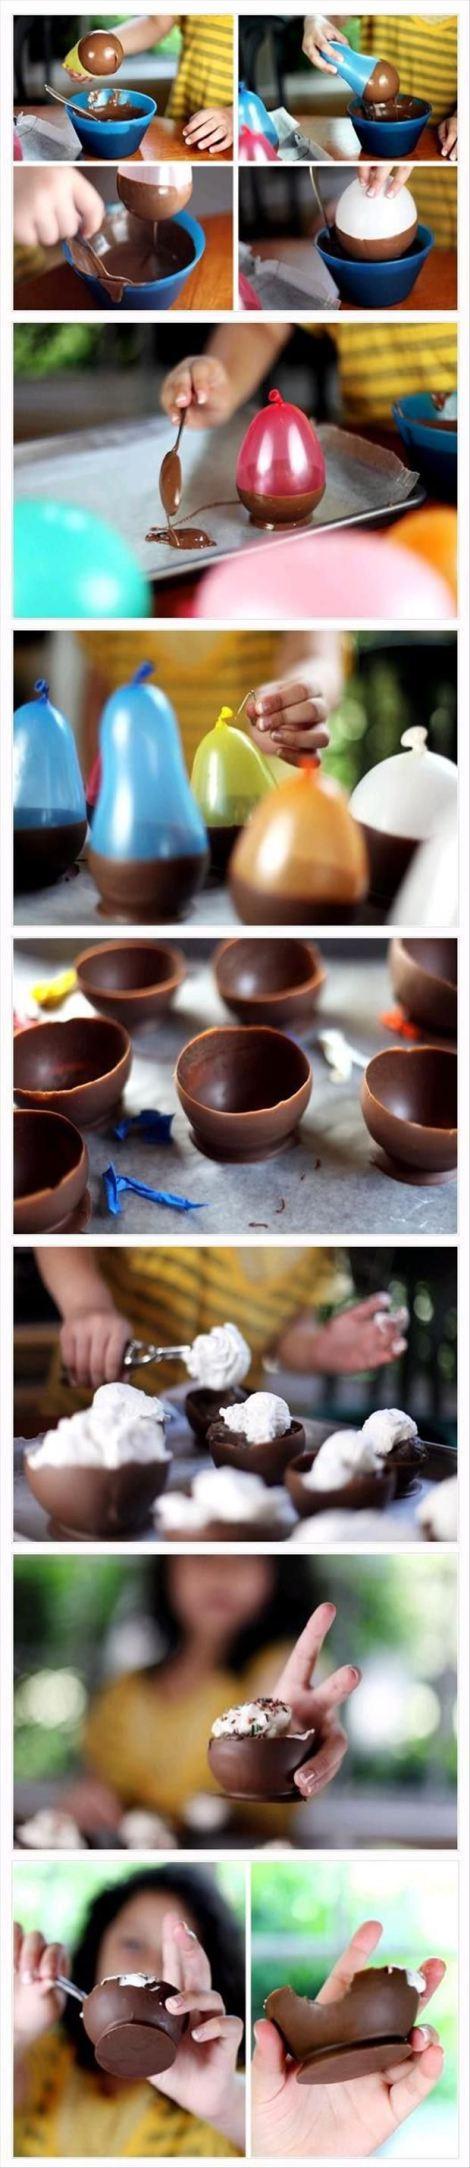 Шоколадные тарелки своими руками